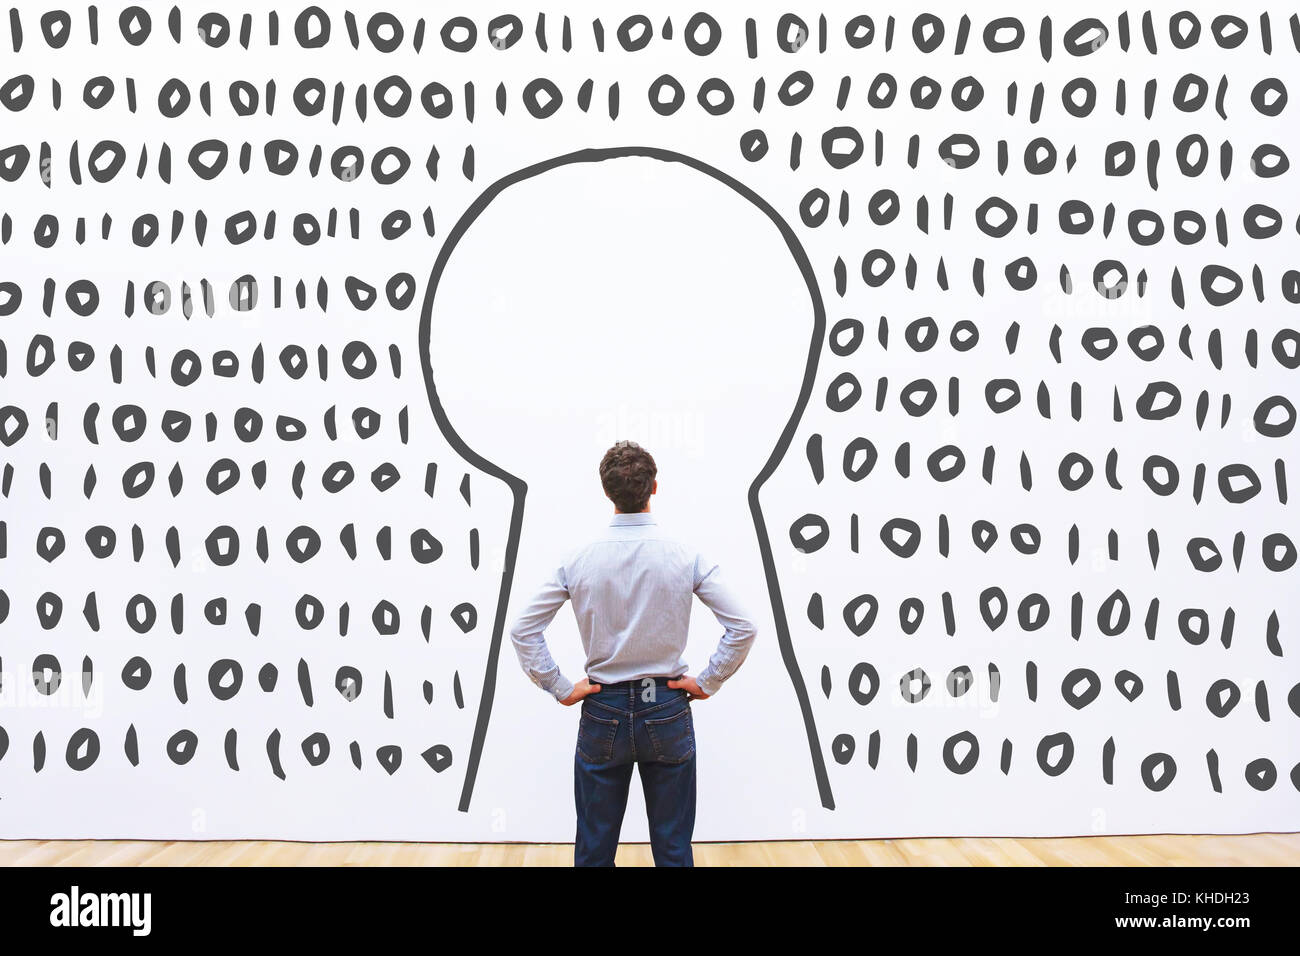 Zugriff auf digitale Daten auf dem Server gesichert login Konzept Stockbild